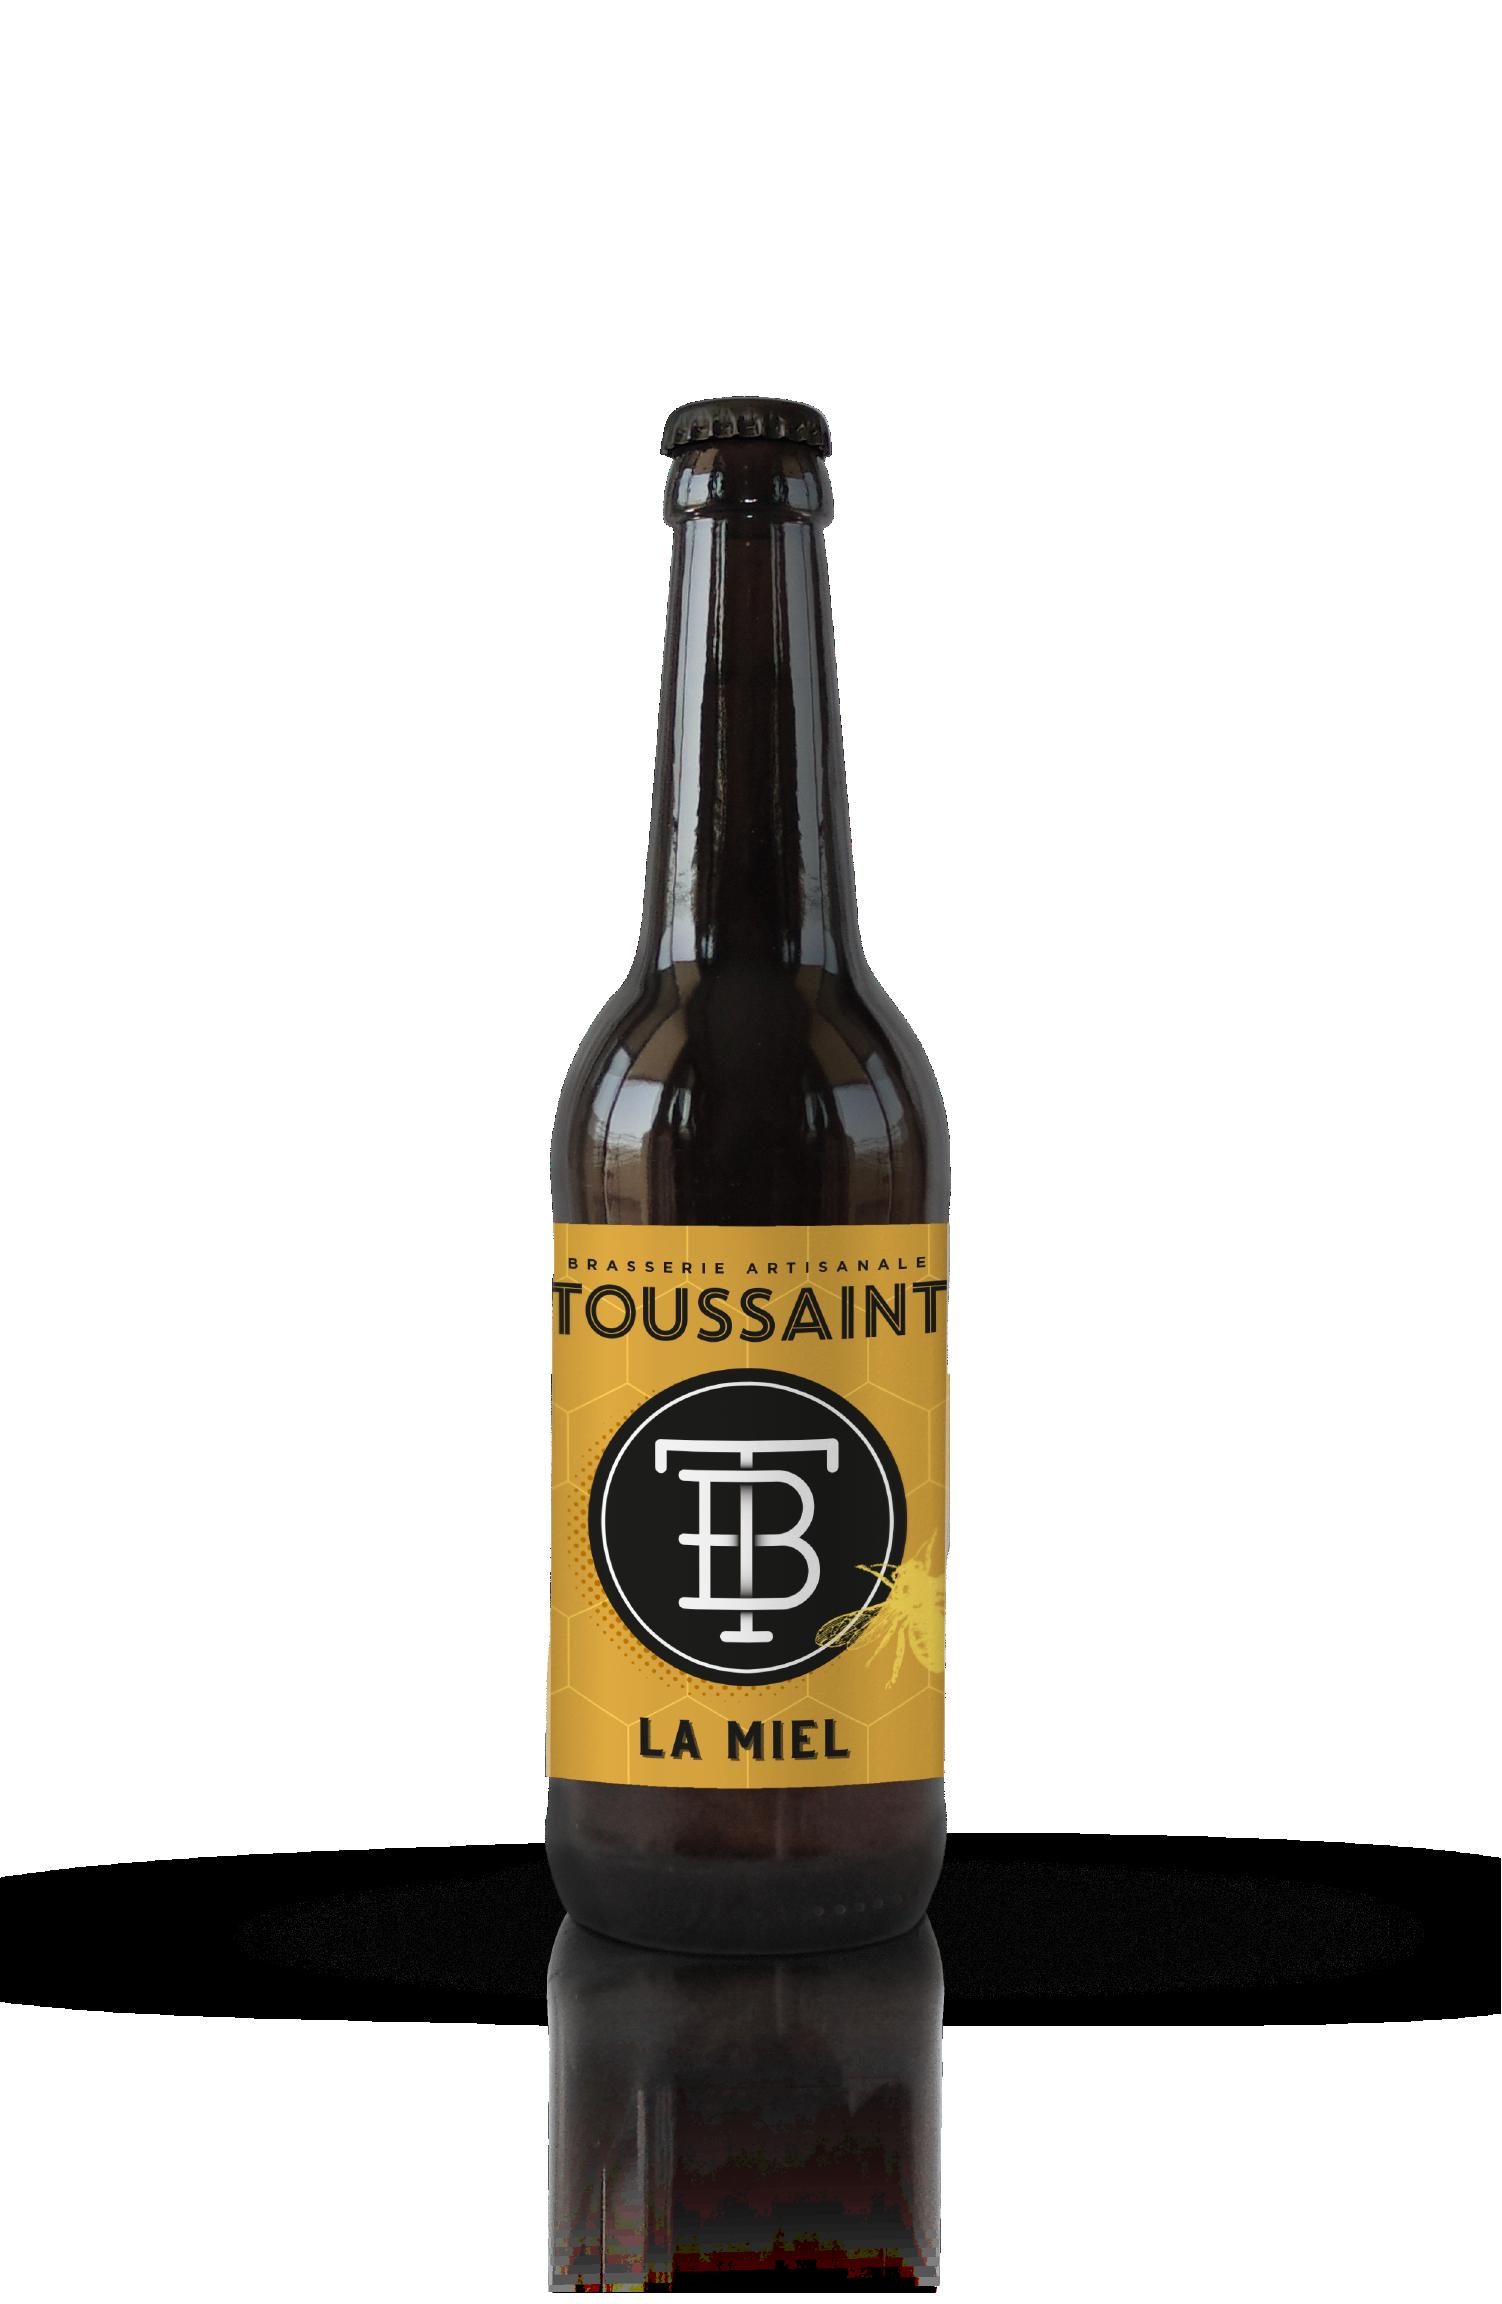 brasserie-toussaint-biere-miel-bouteille-08